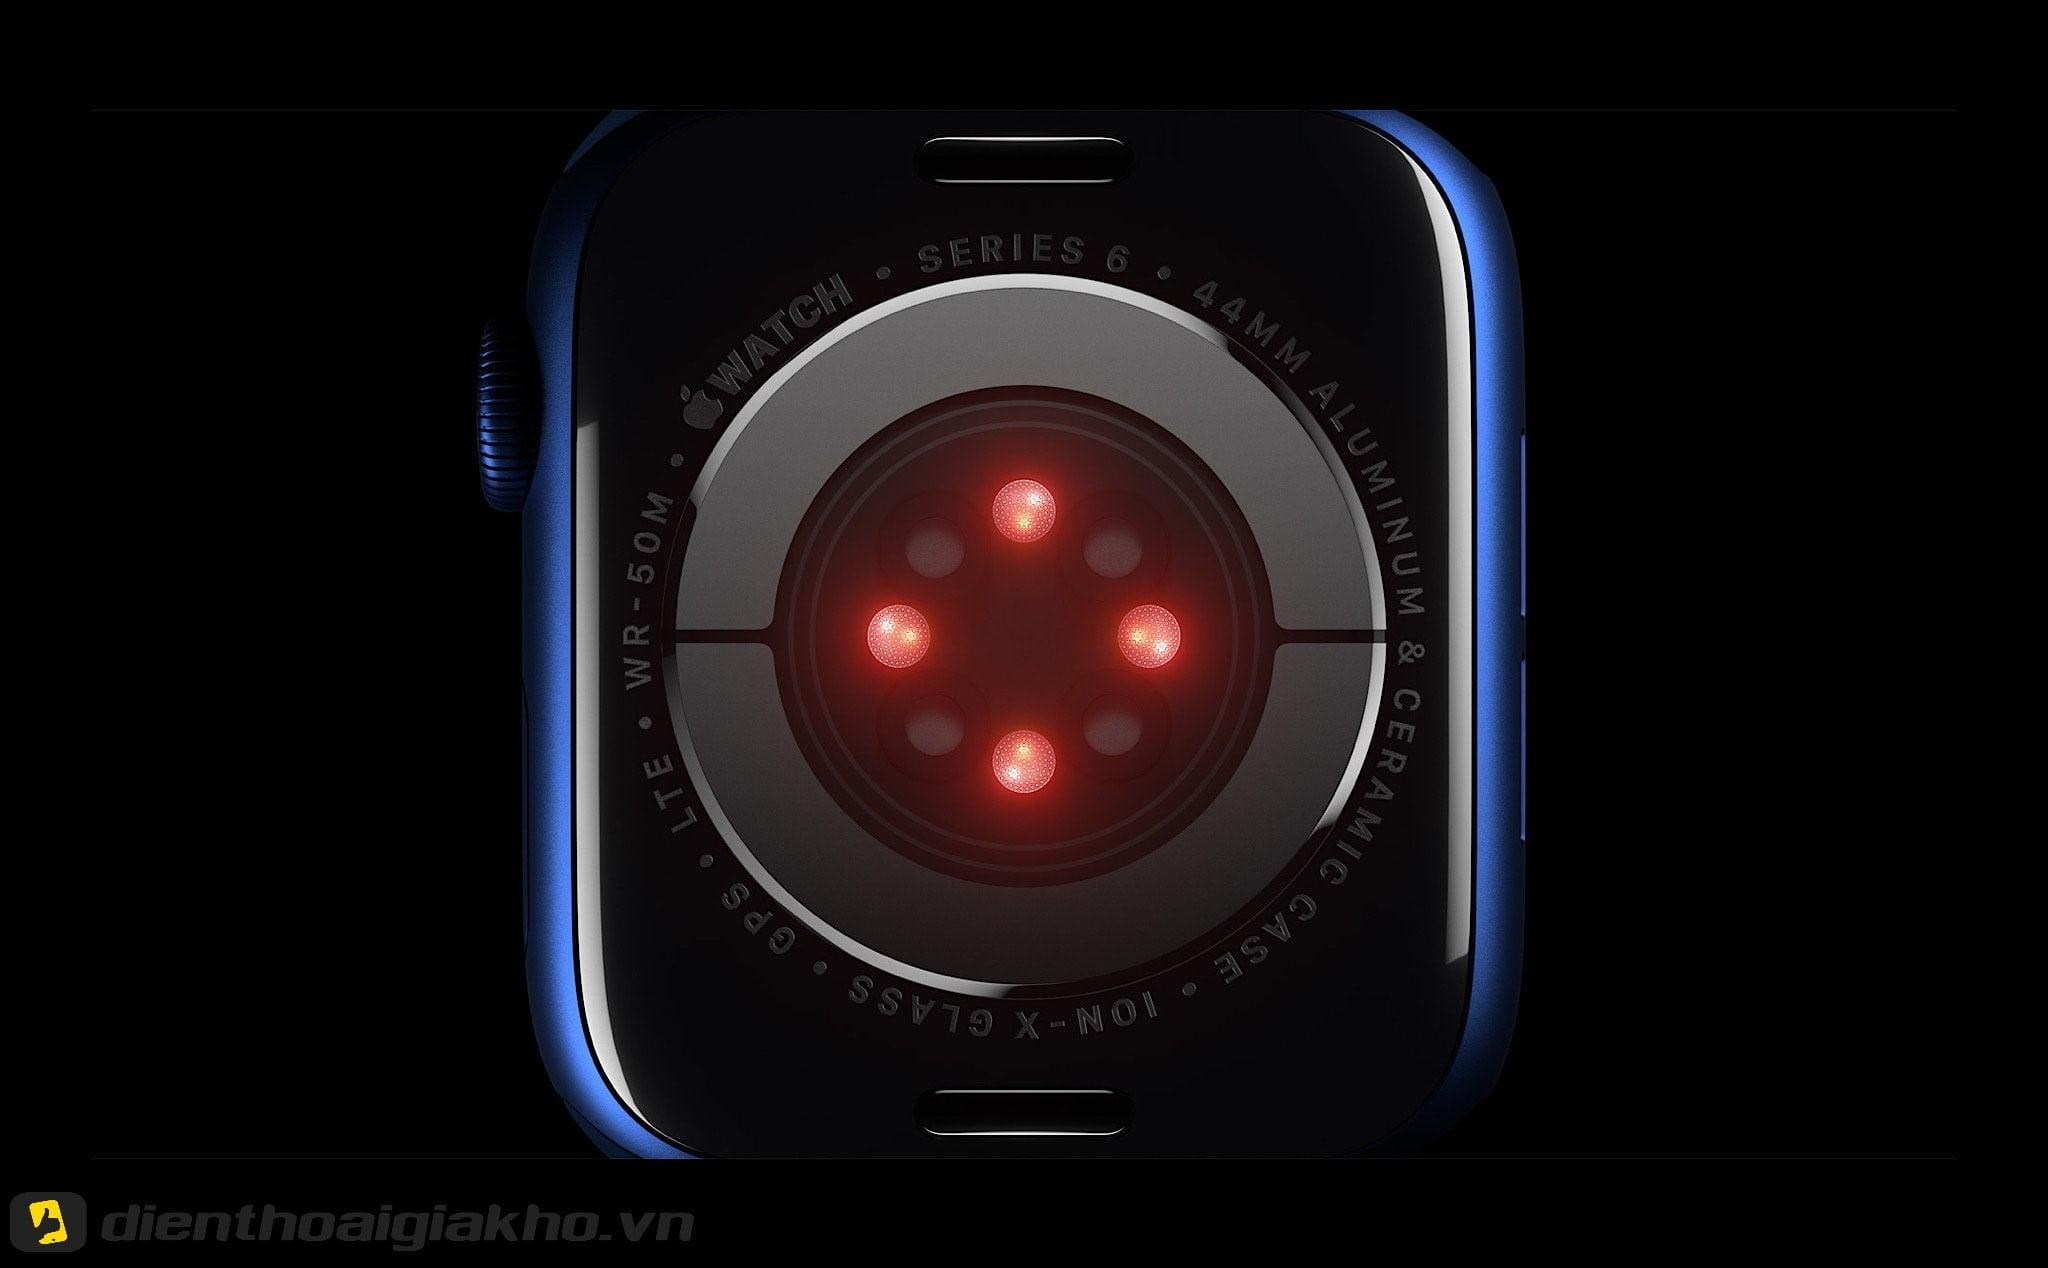 Ứng dụng tia hồng ngoại trong việc đo nồng độ Oxy trong máu nổi bật của Apple Watch Series 6 40mm GPS.